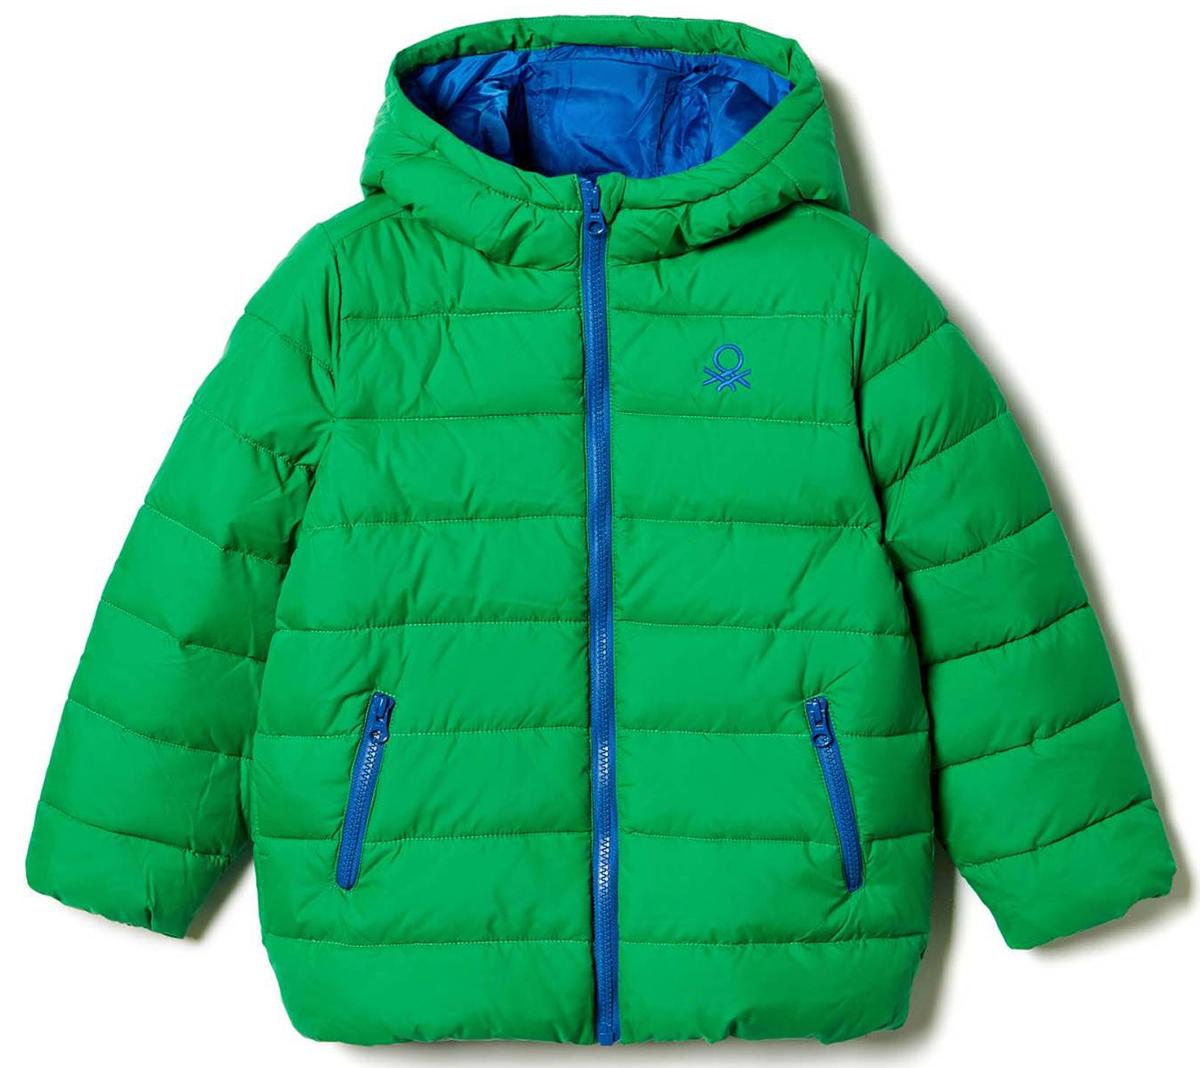 Куртка для мальчика United Colors of Benetton, цвет: зеленый. 2WU0539Q0_07K. Размер 902WU0539Q0_07KКуртка для мальчика United Colors of Benetton выполнена из полиэстера. Модель с капюшоном и длинными рукавами застегивается на застежку-молнию.